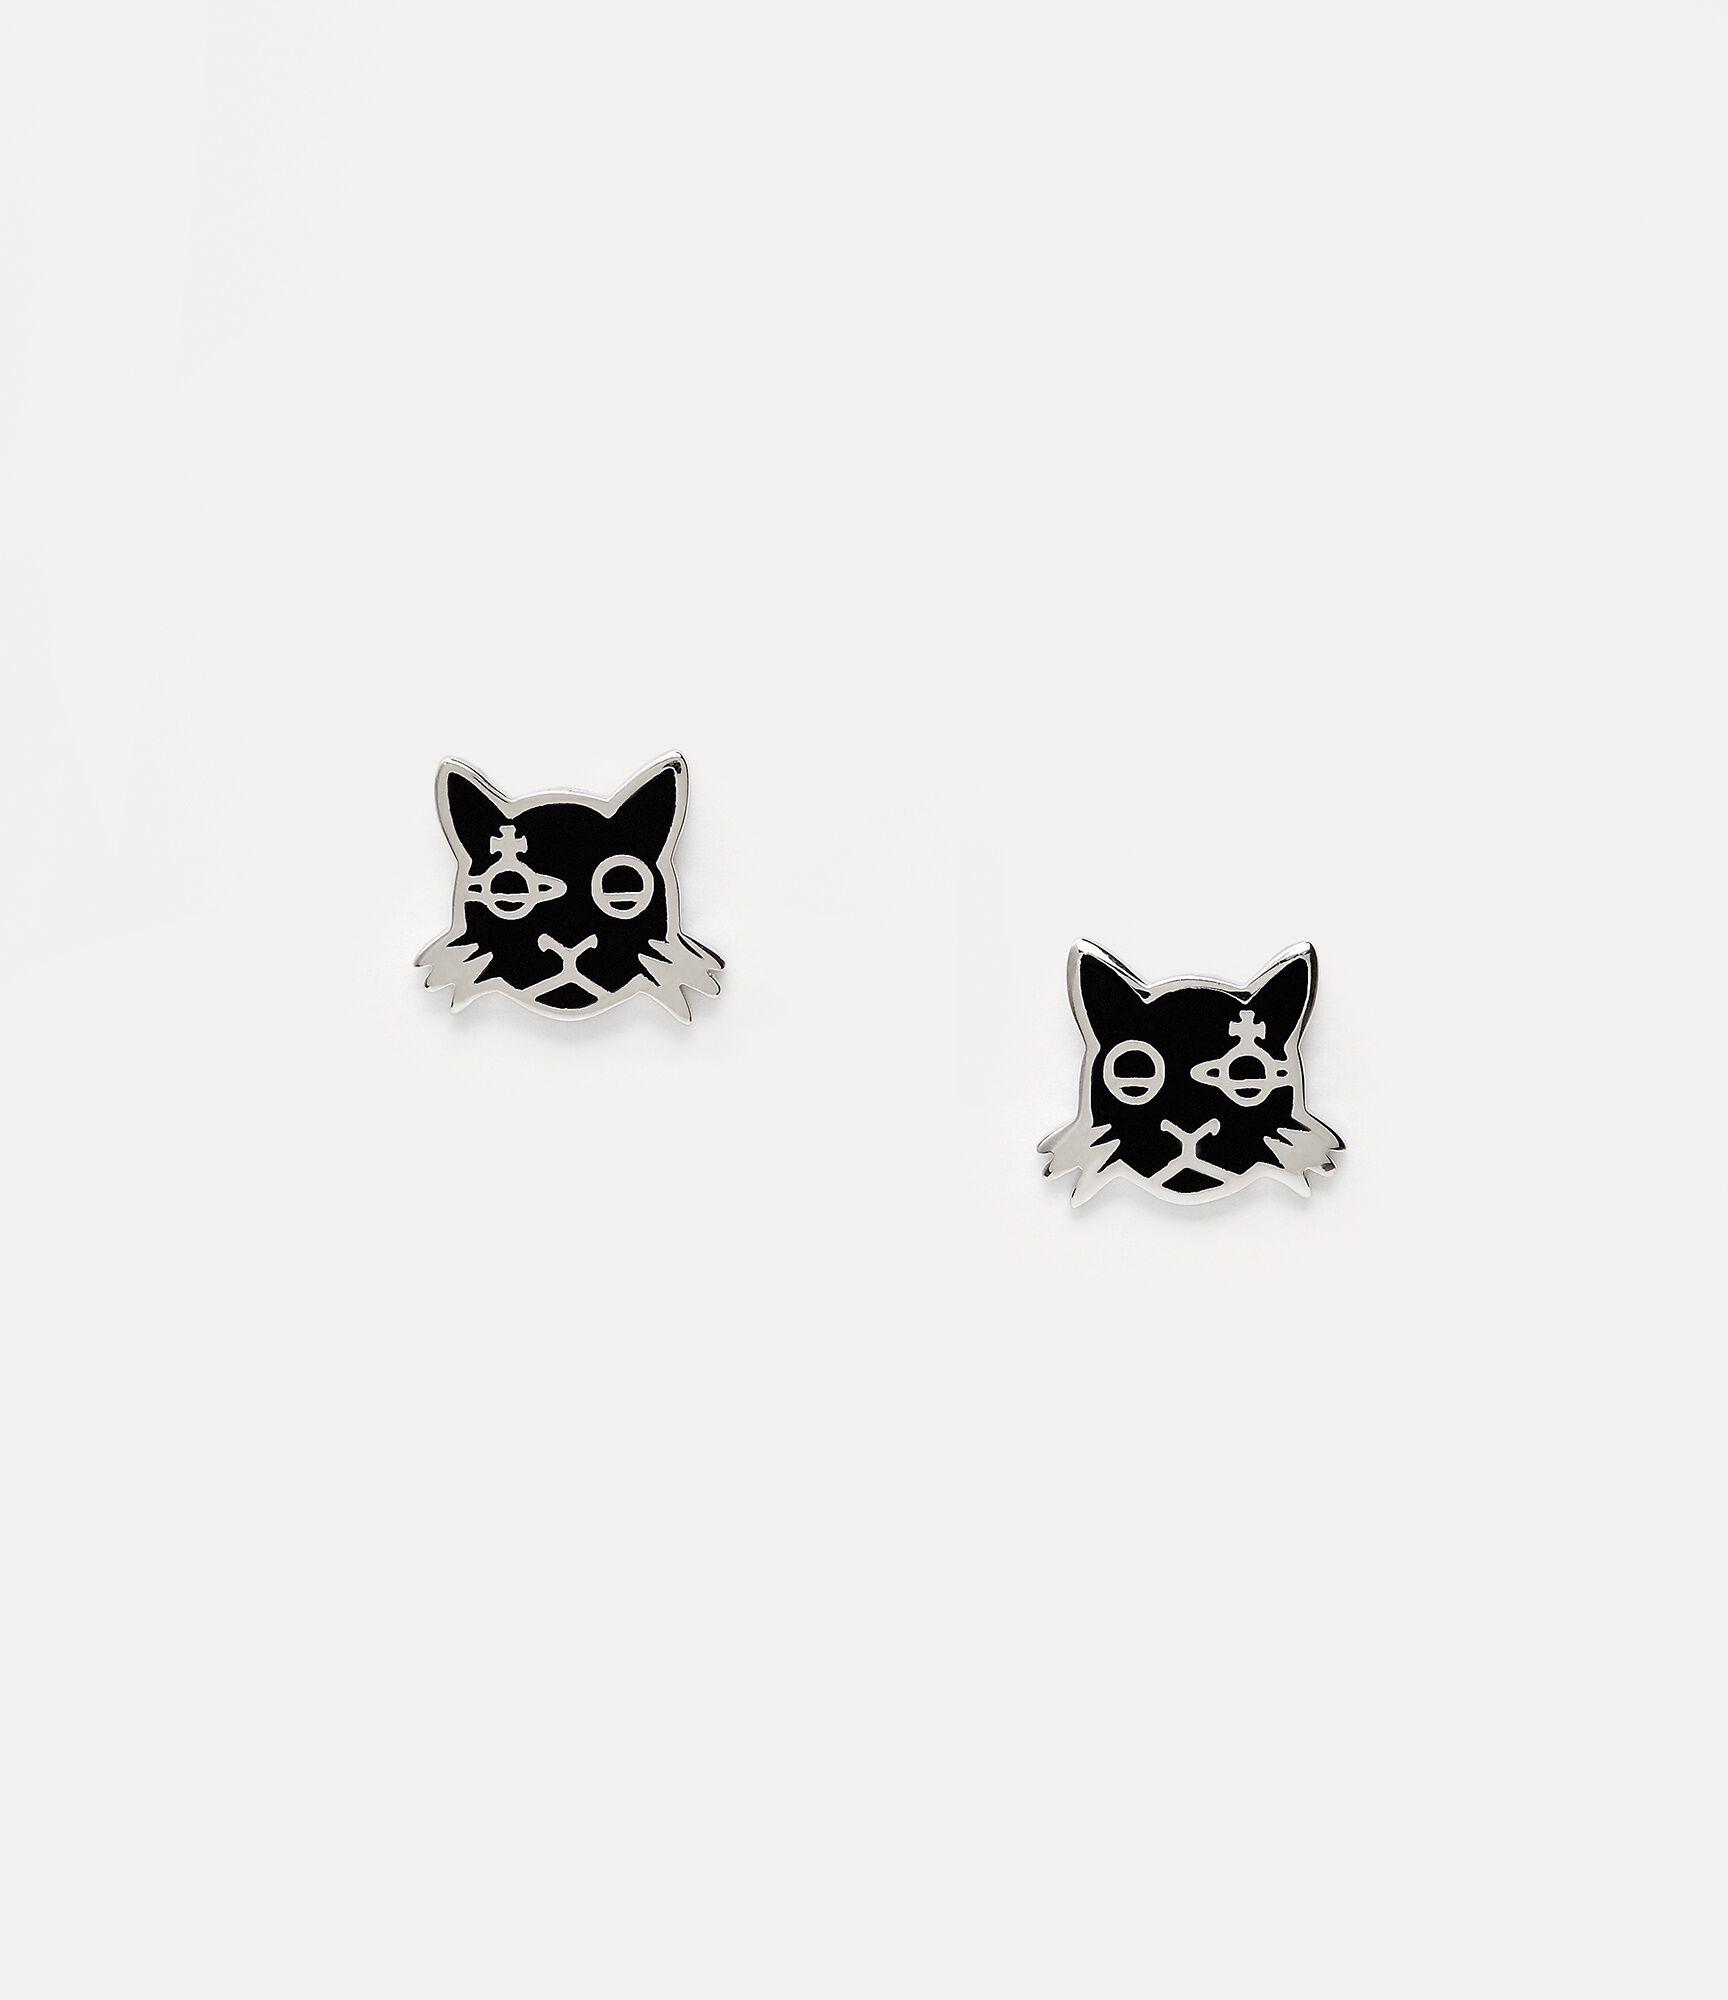 Vivienne Westwood Women S Earrings Vivienne Westwood Kat Earrings